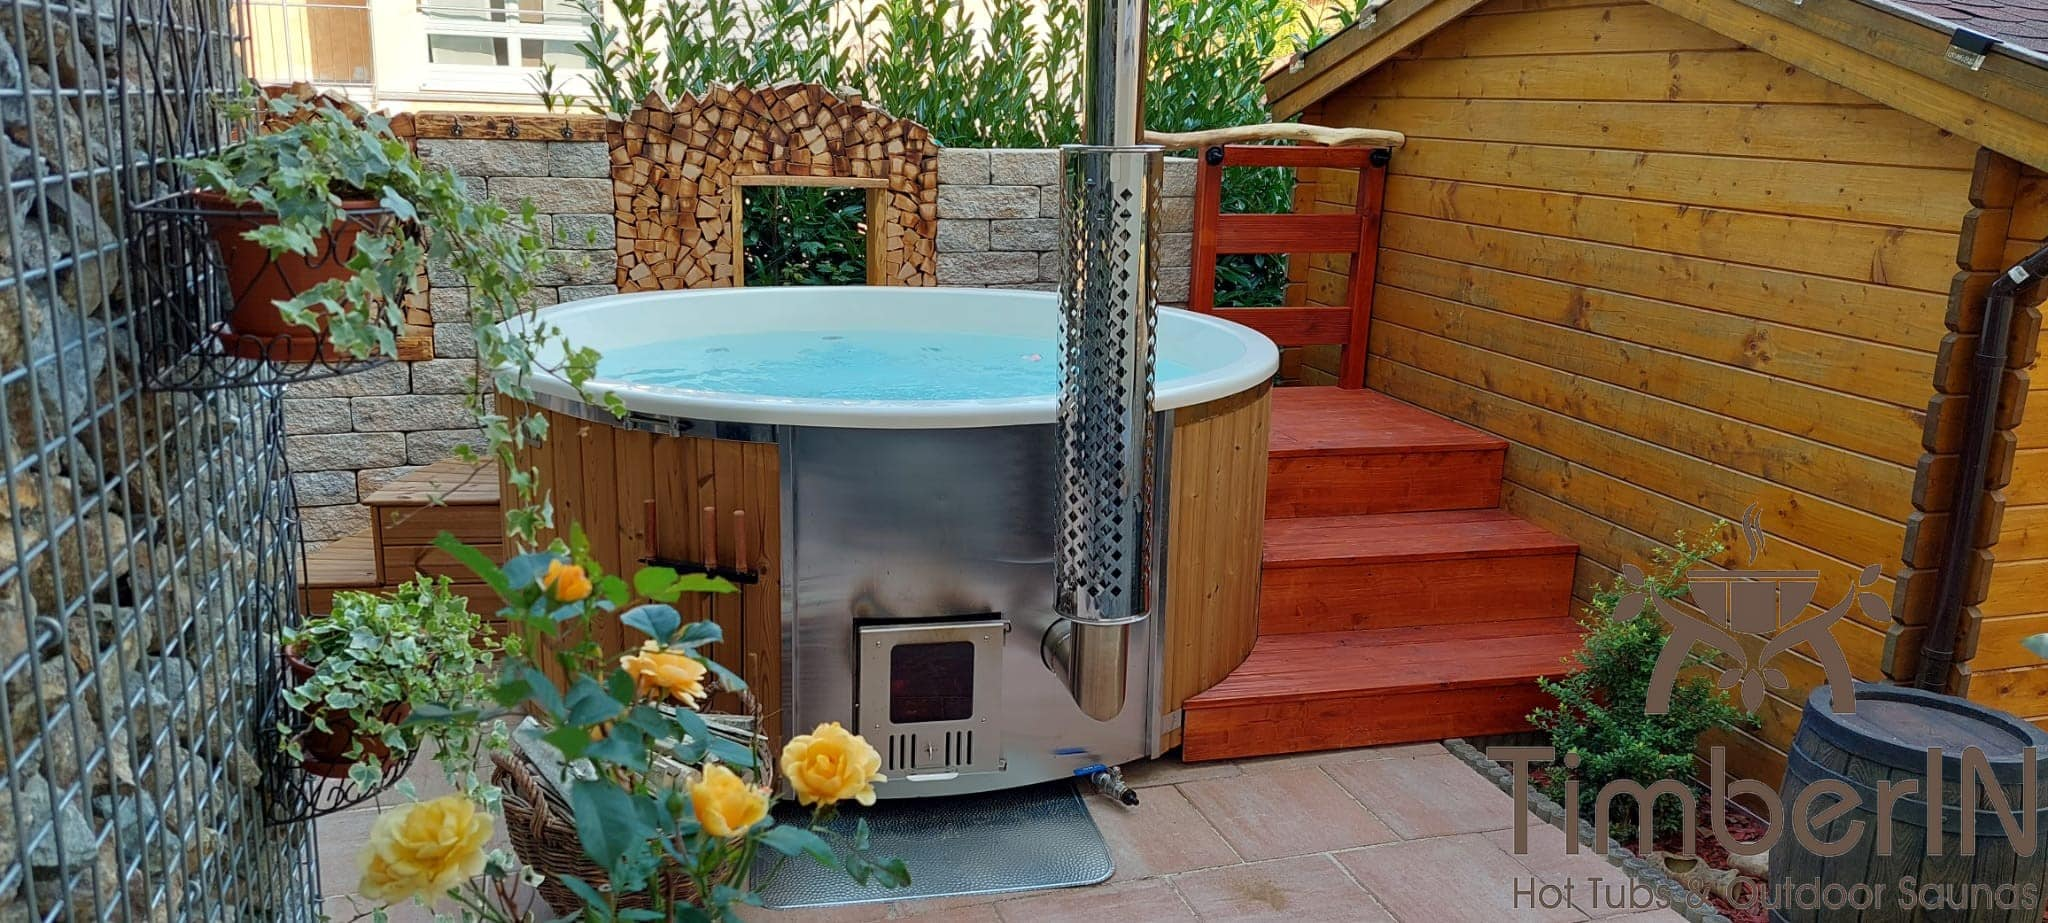 Badezuber Badefass Hot Tube mit Whirlpool Holzofen TimberIN Rojal Martin Steinach Deutschland 6